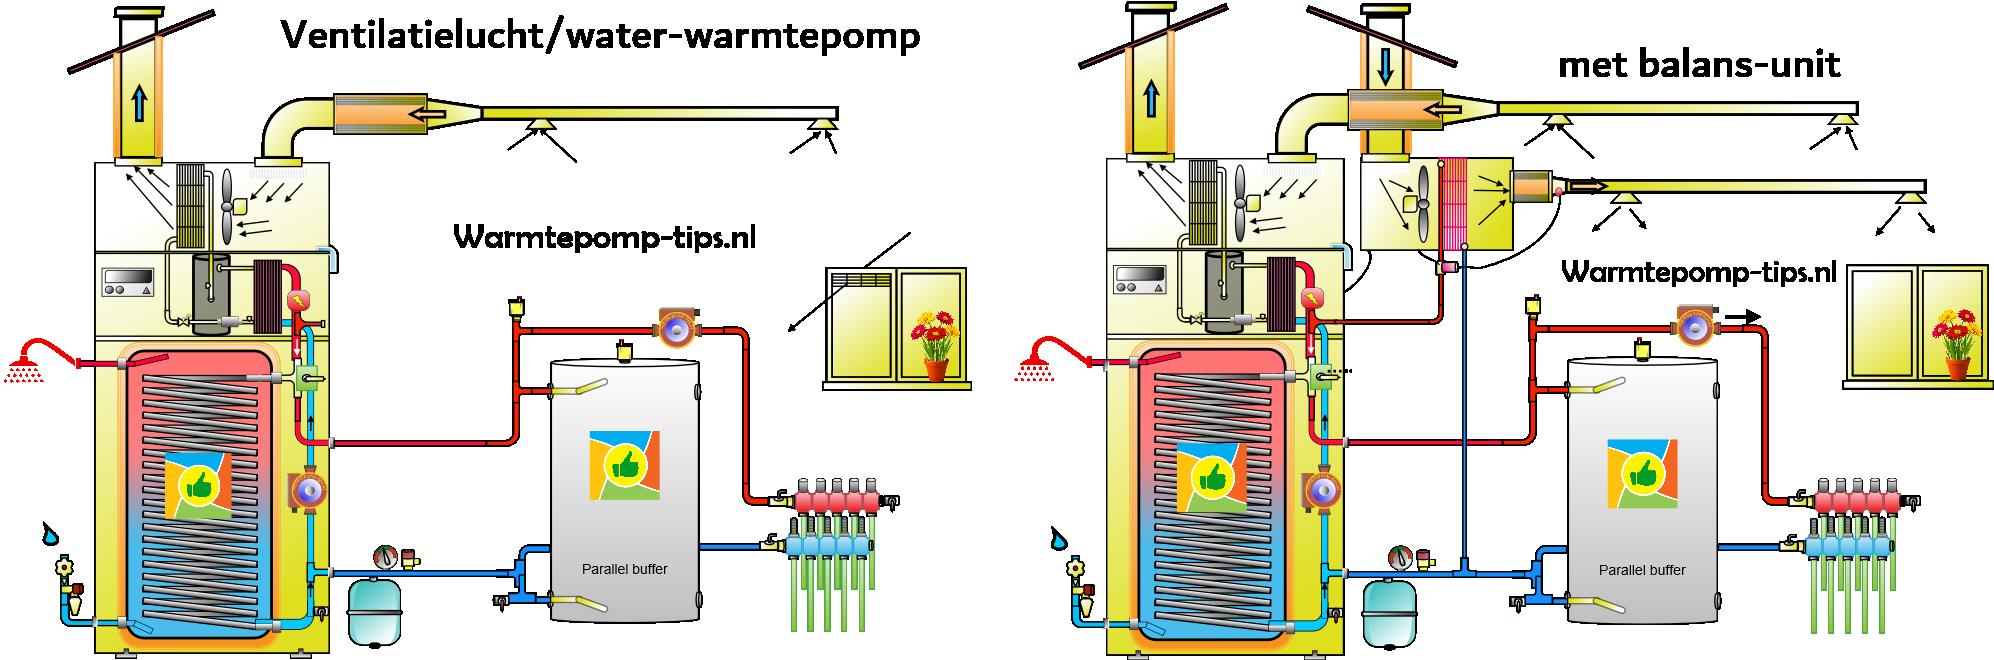 ventilatielucht-water-warmtepompen